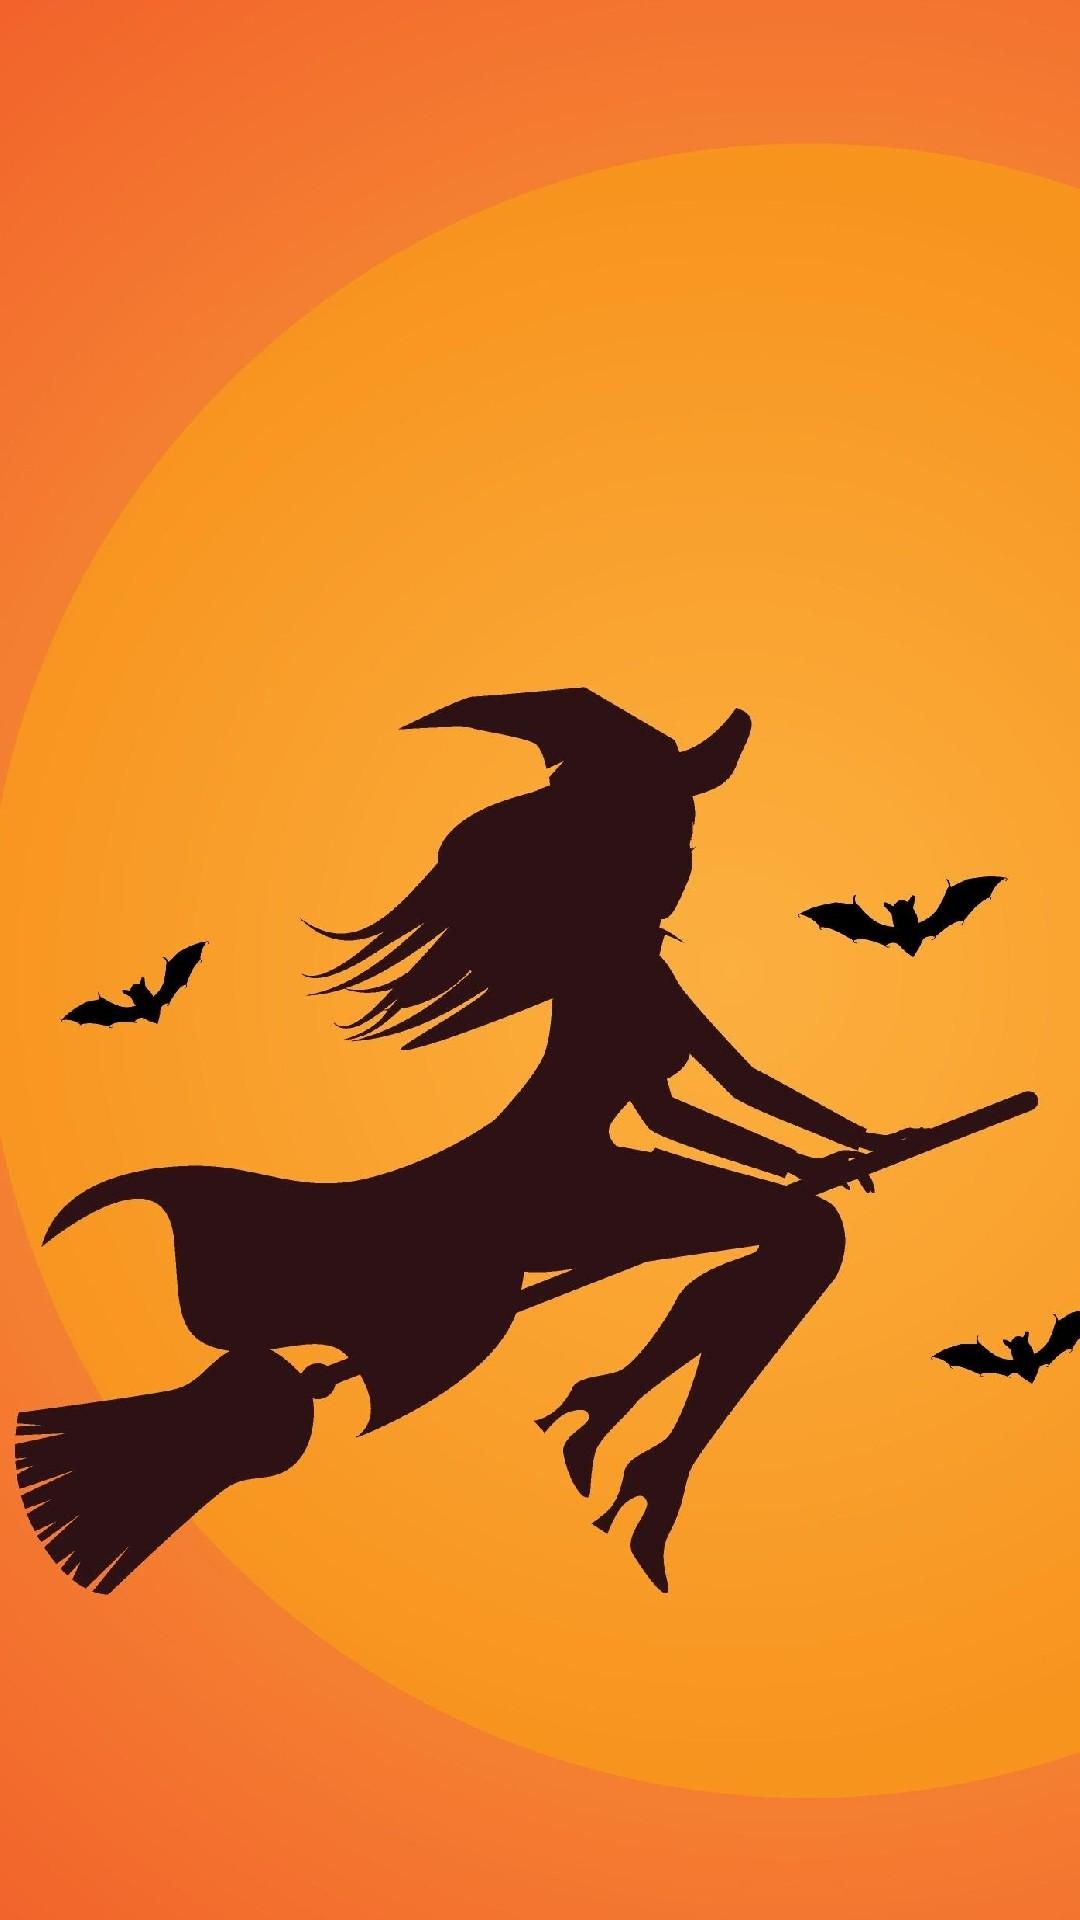 Top Wallpaper Halloween Iphone Se - 303247  Picture_485685.jpg